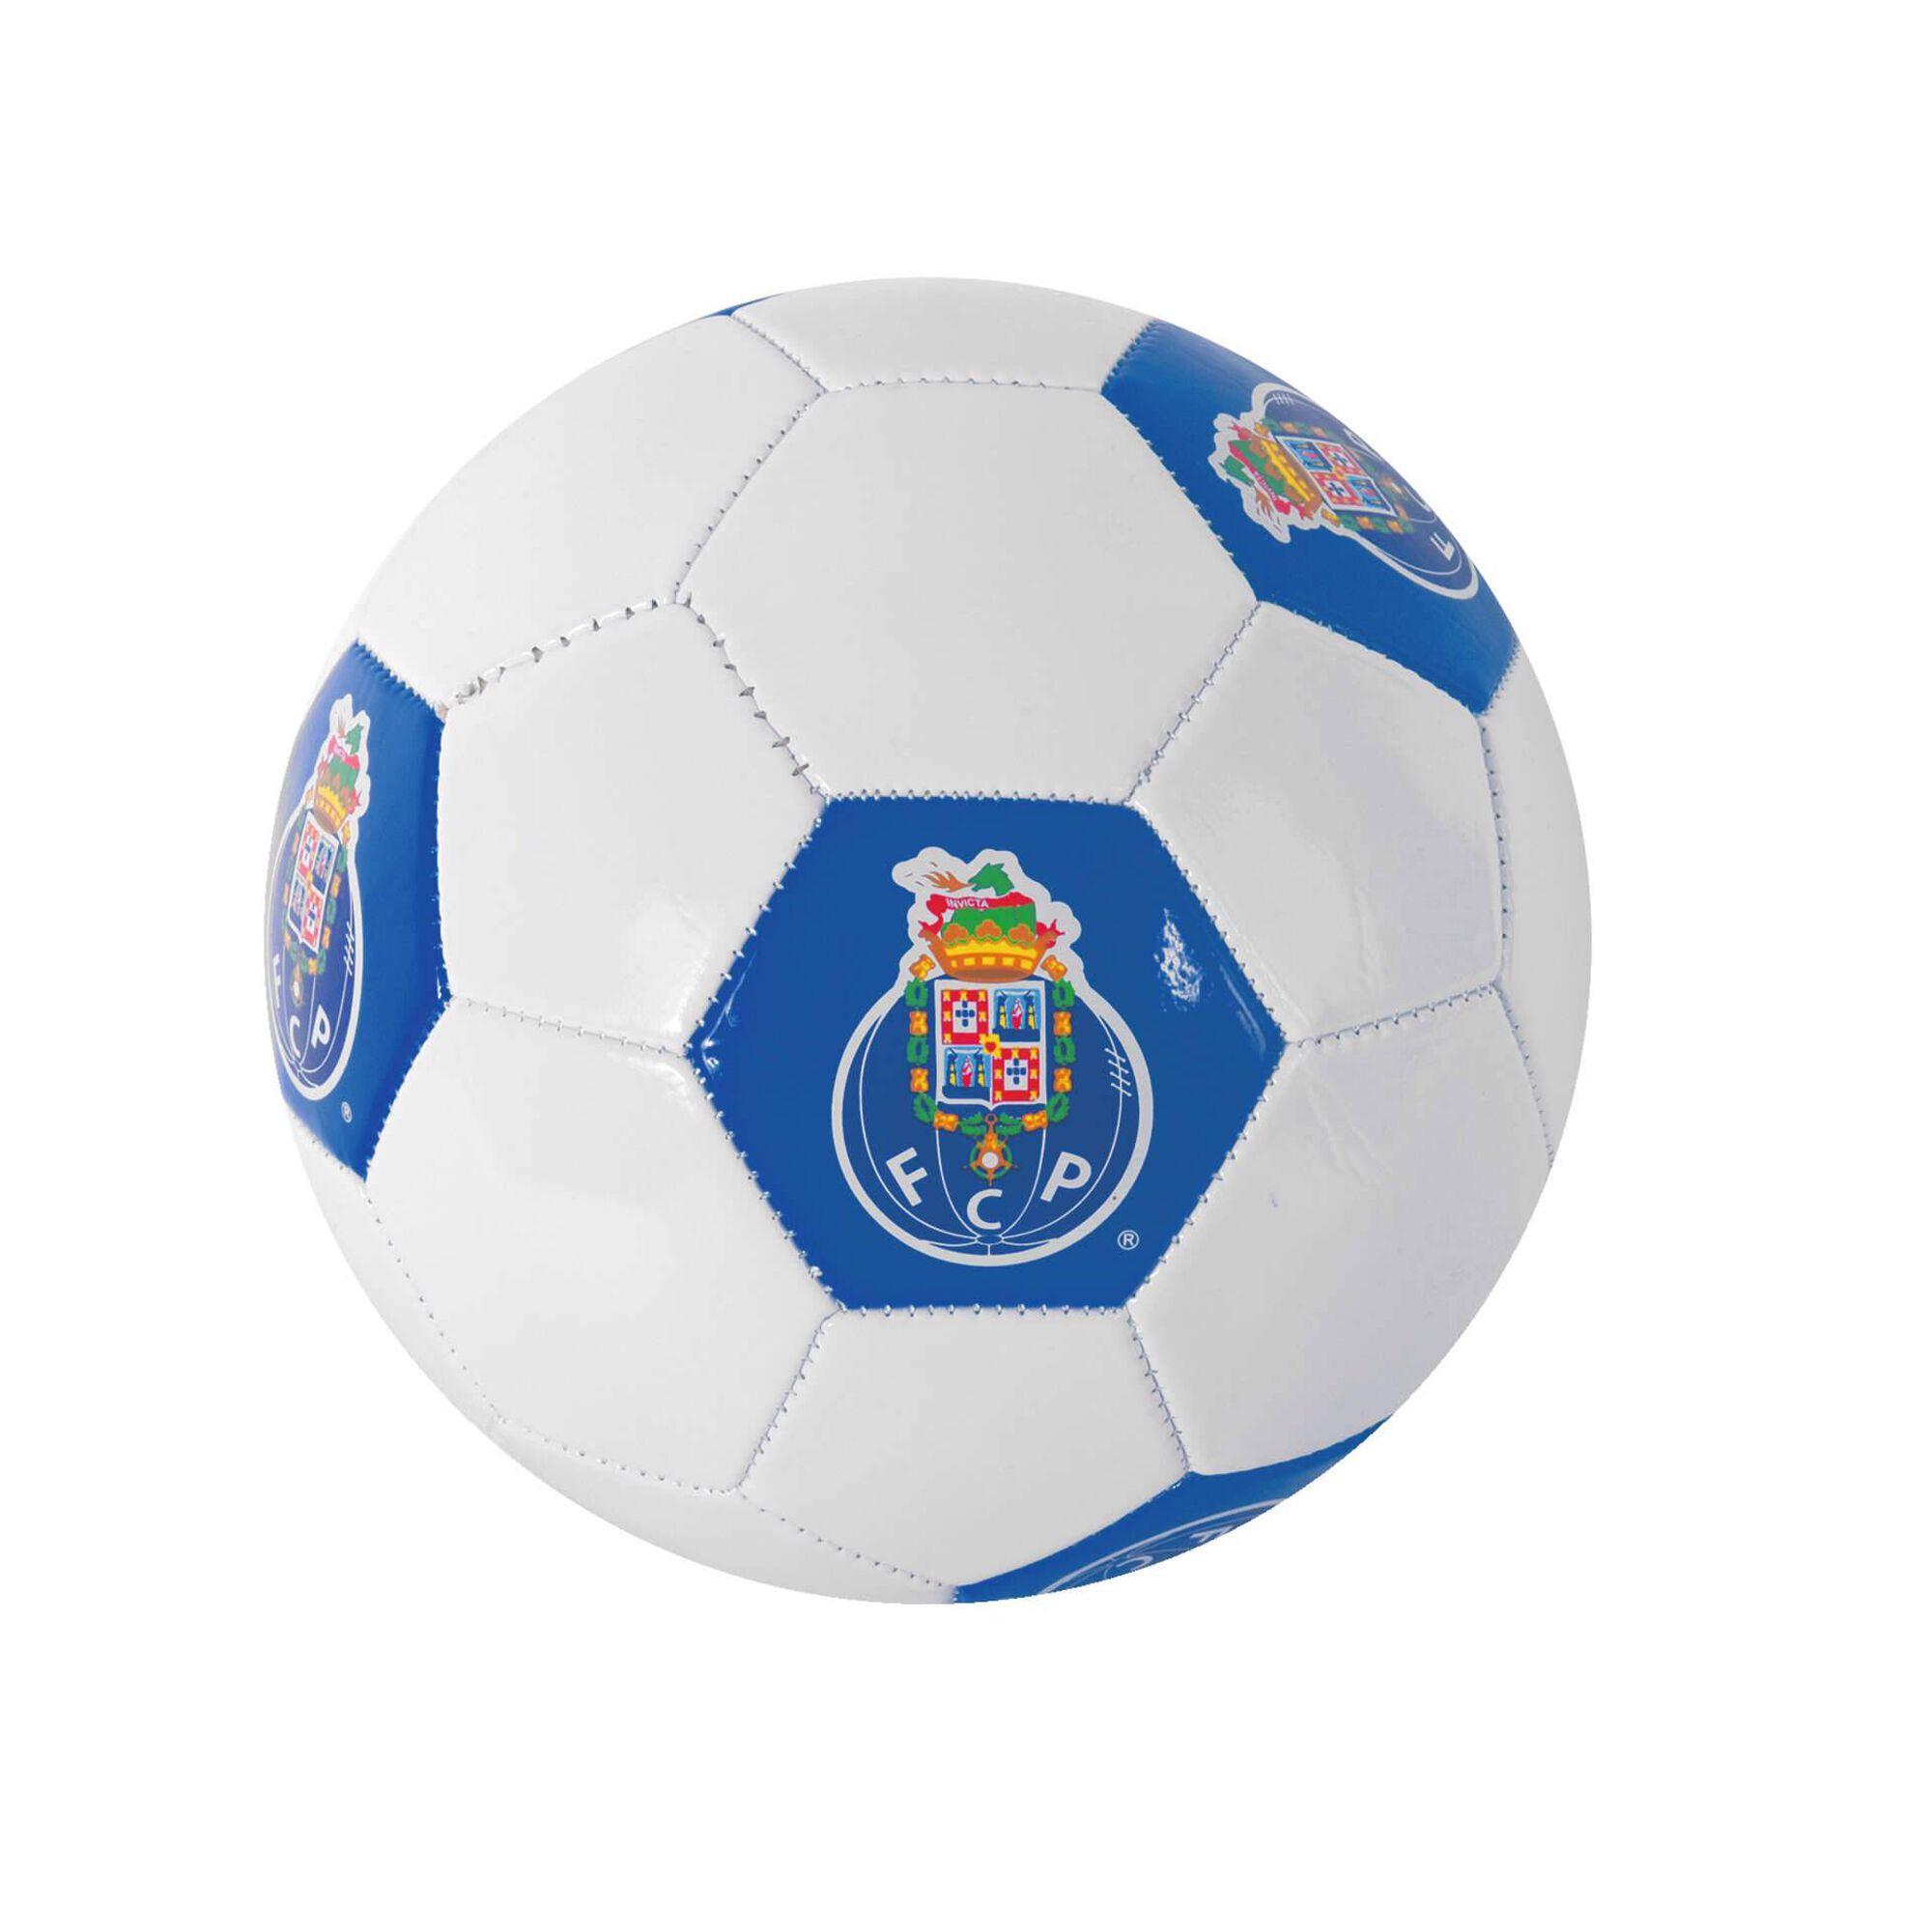 Bola Futebol Oficial FCP 22cm Azul e Branca